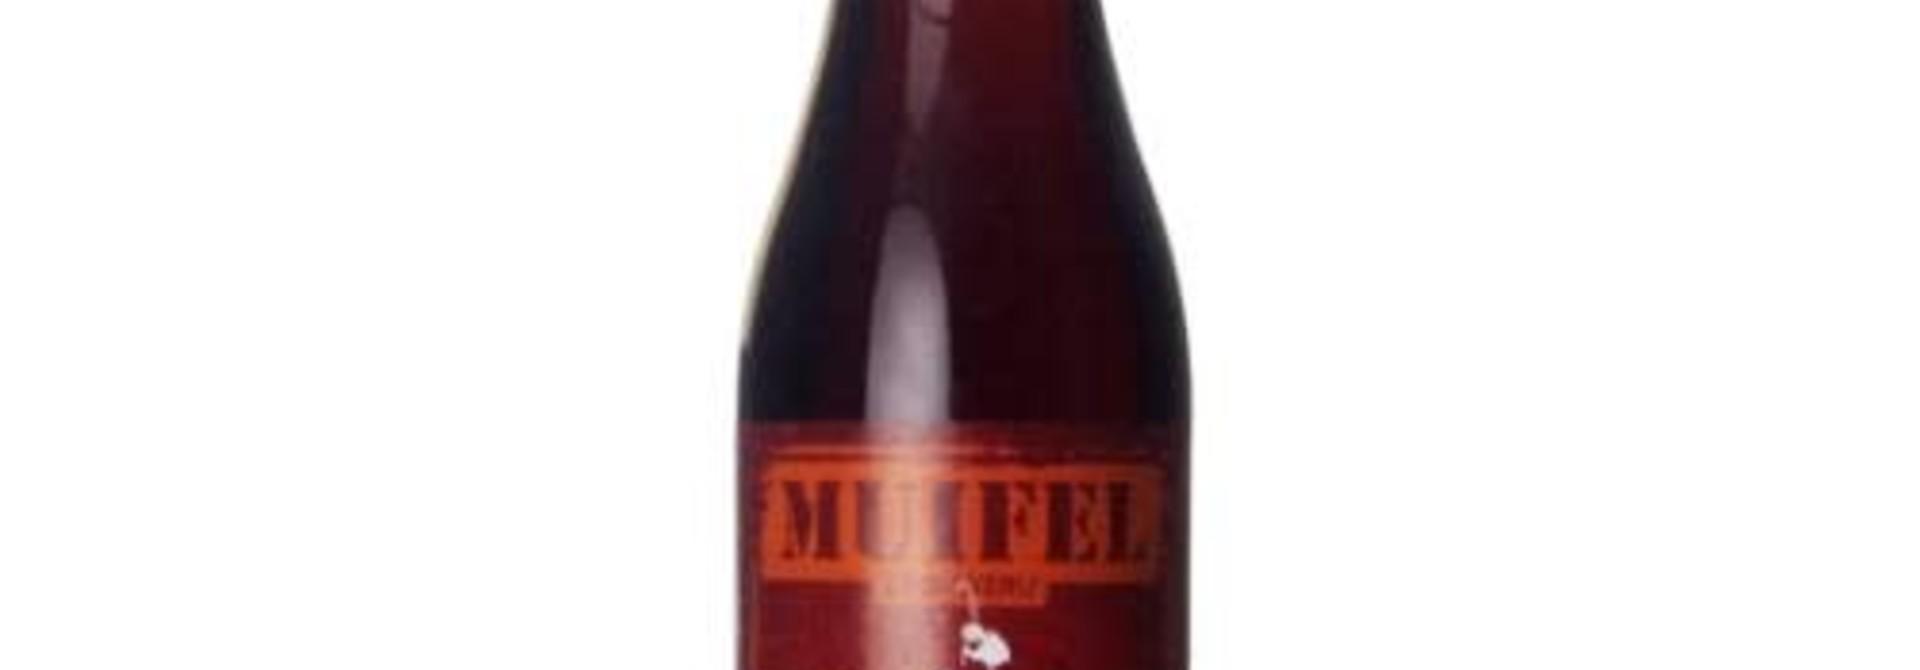 MUIFEL - 1357 DUBBEL 33CL